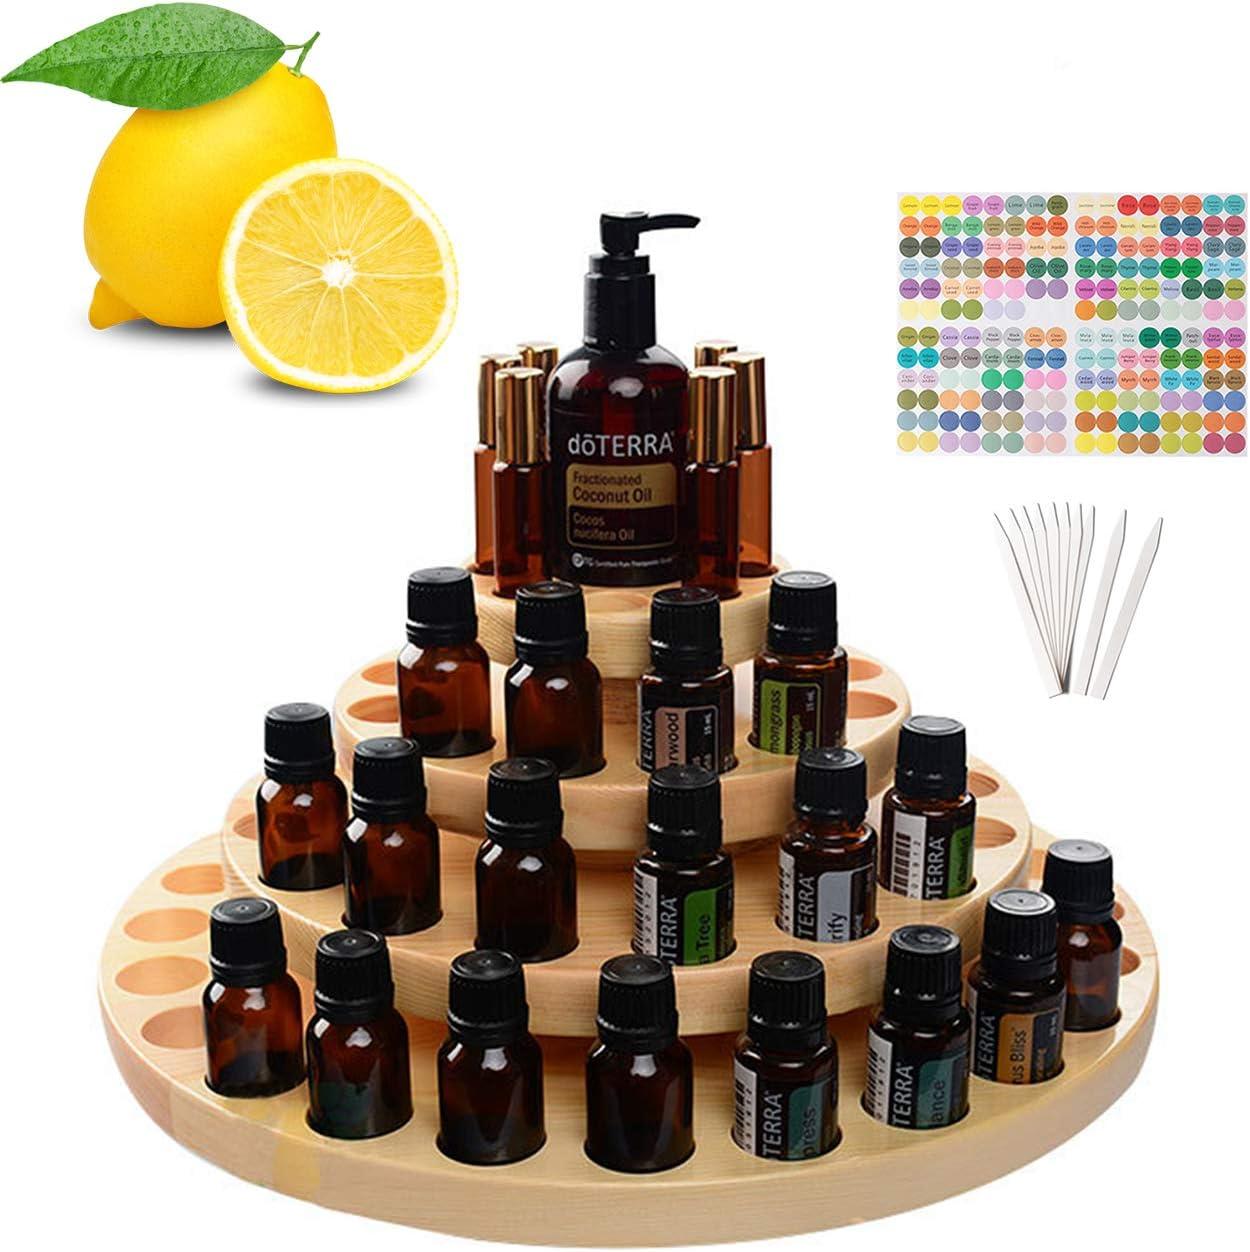 Songlela Expositor de Aceites Esenciales para 63 Botellas, Esmalte de Uñas Almacenamiento Organizador - Estante para Aceite Esencial Caso, Cosméticos, Viajes, Presentaciones y Más #7: Amazon.es: Hogar